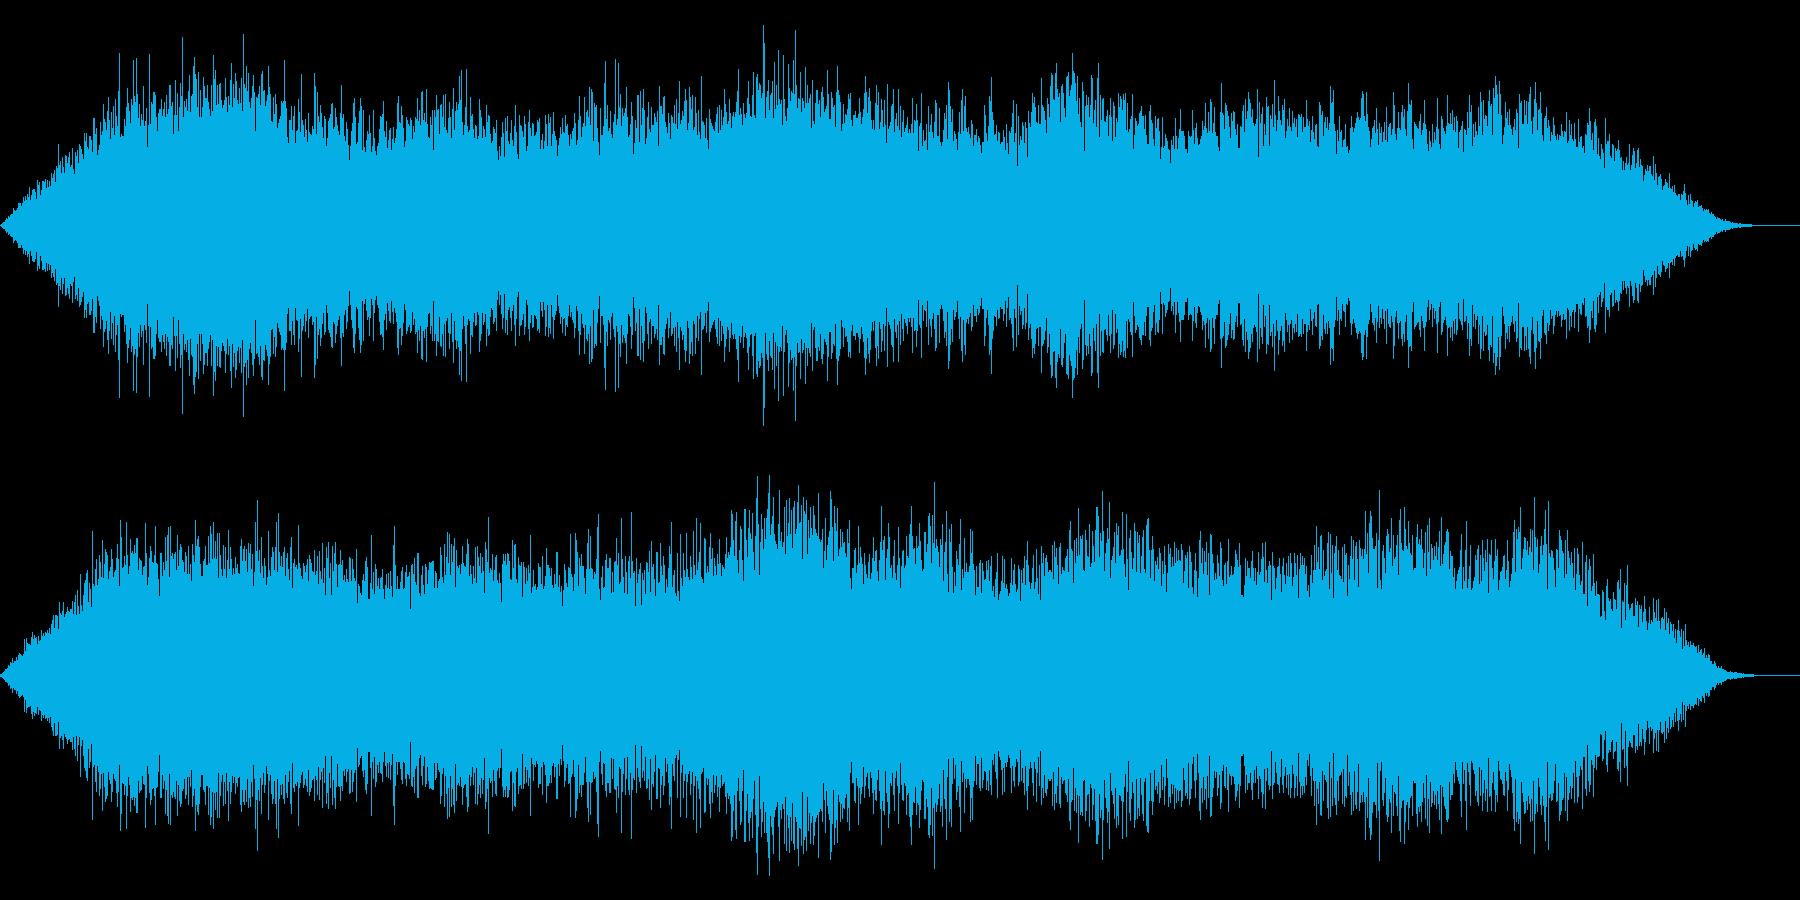 Dark_ホラーで怪しく神秘的-16_Lの再生済みの波形